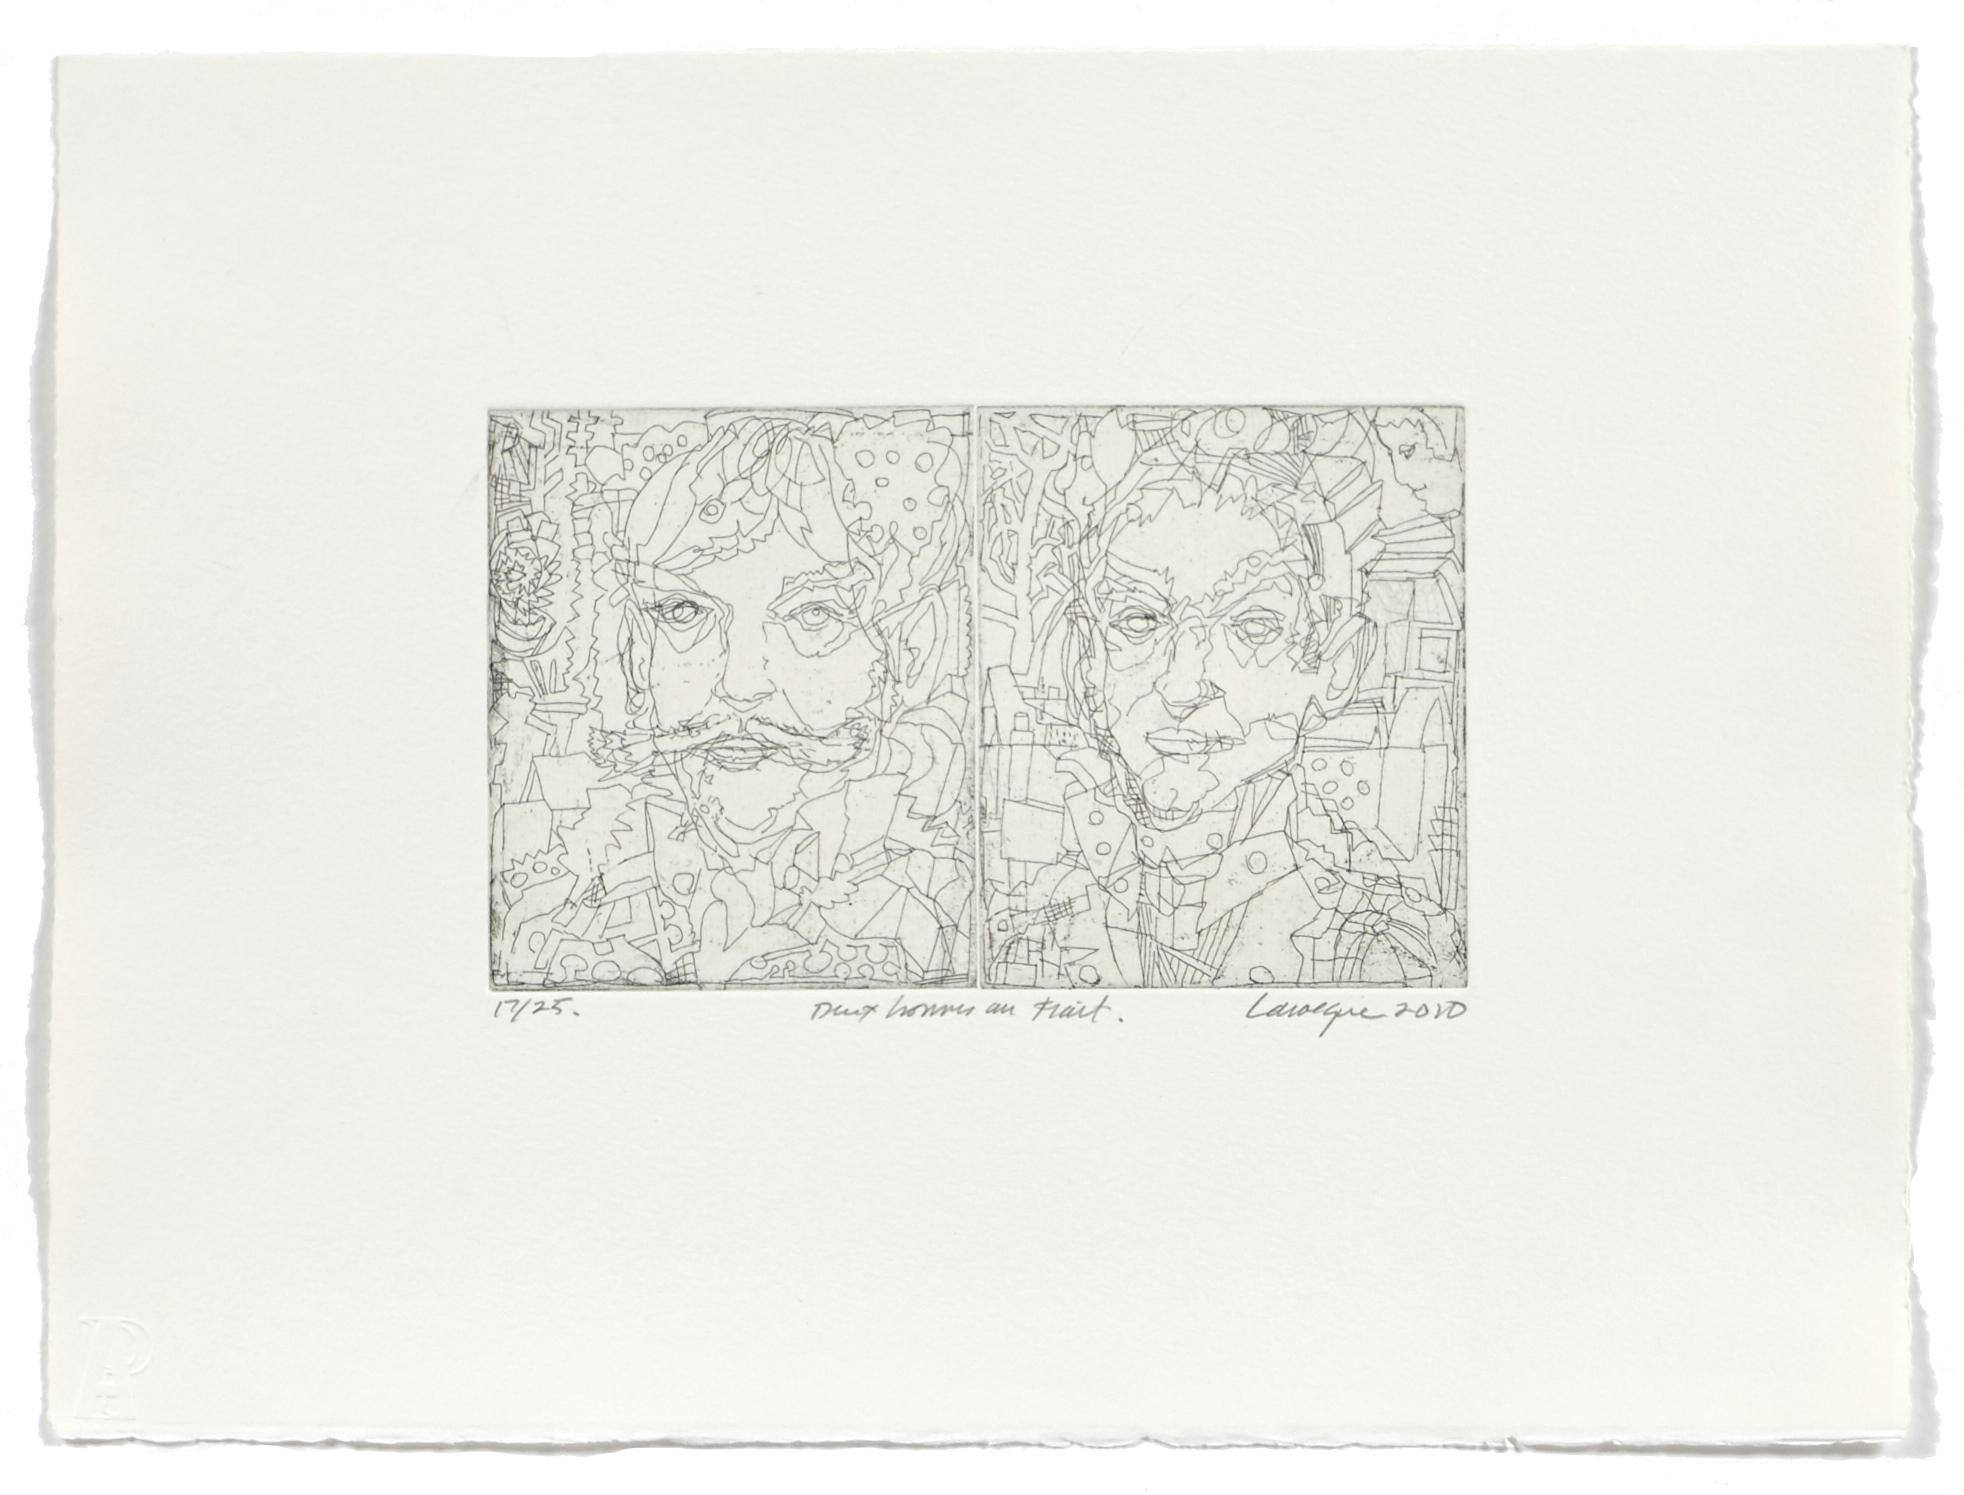 Deux hommes au trait   2010 | 28 x 38cm | Eau-forte | 25 prints | Editor Atelier-Galerie A. Piroir